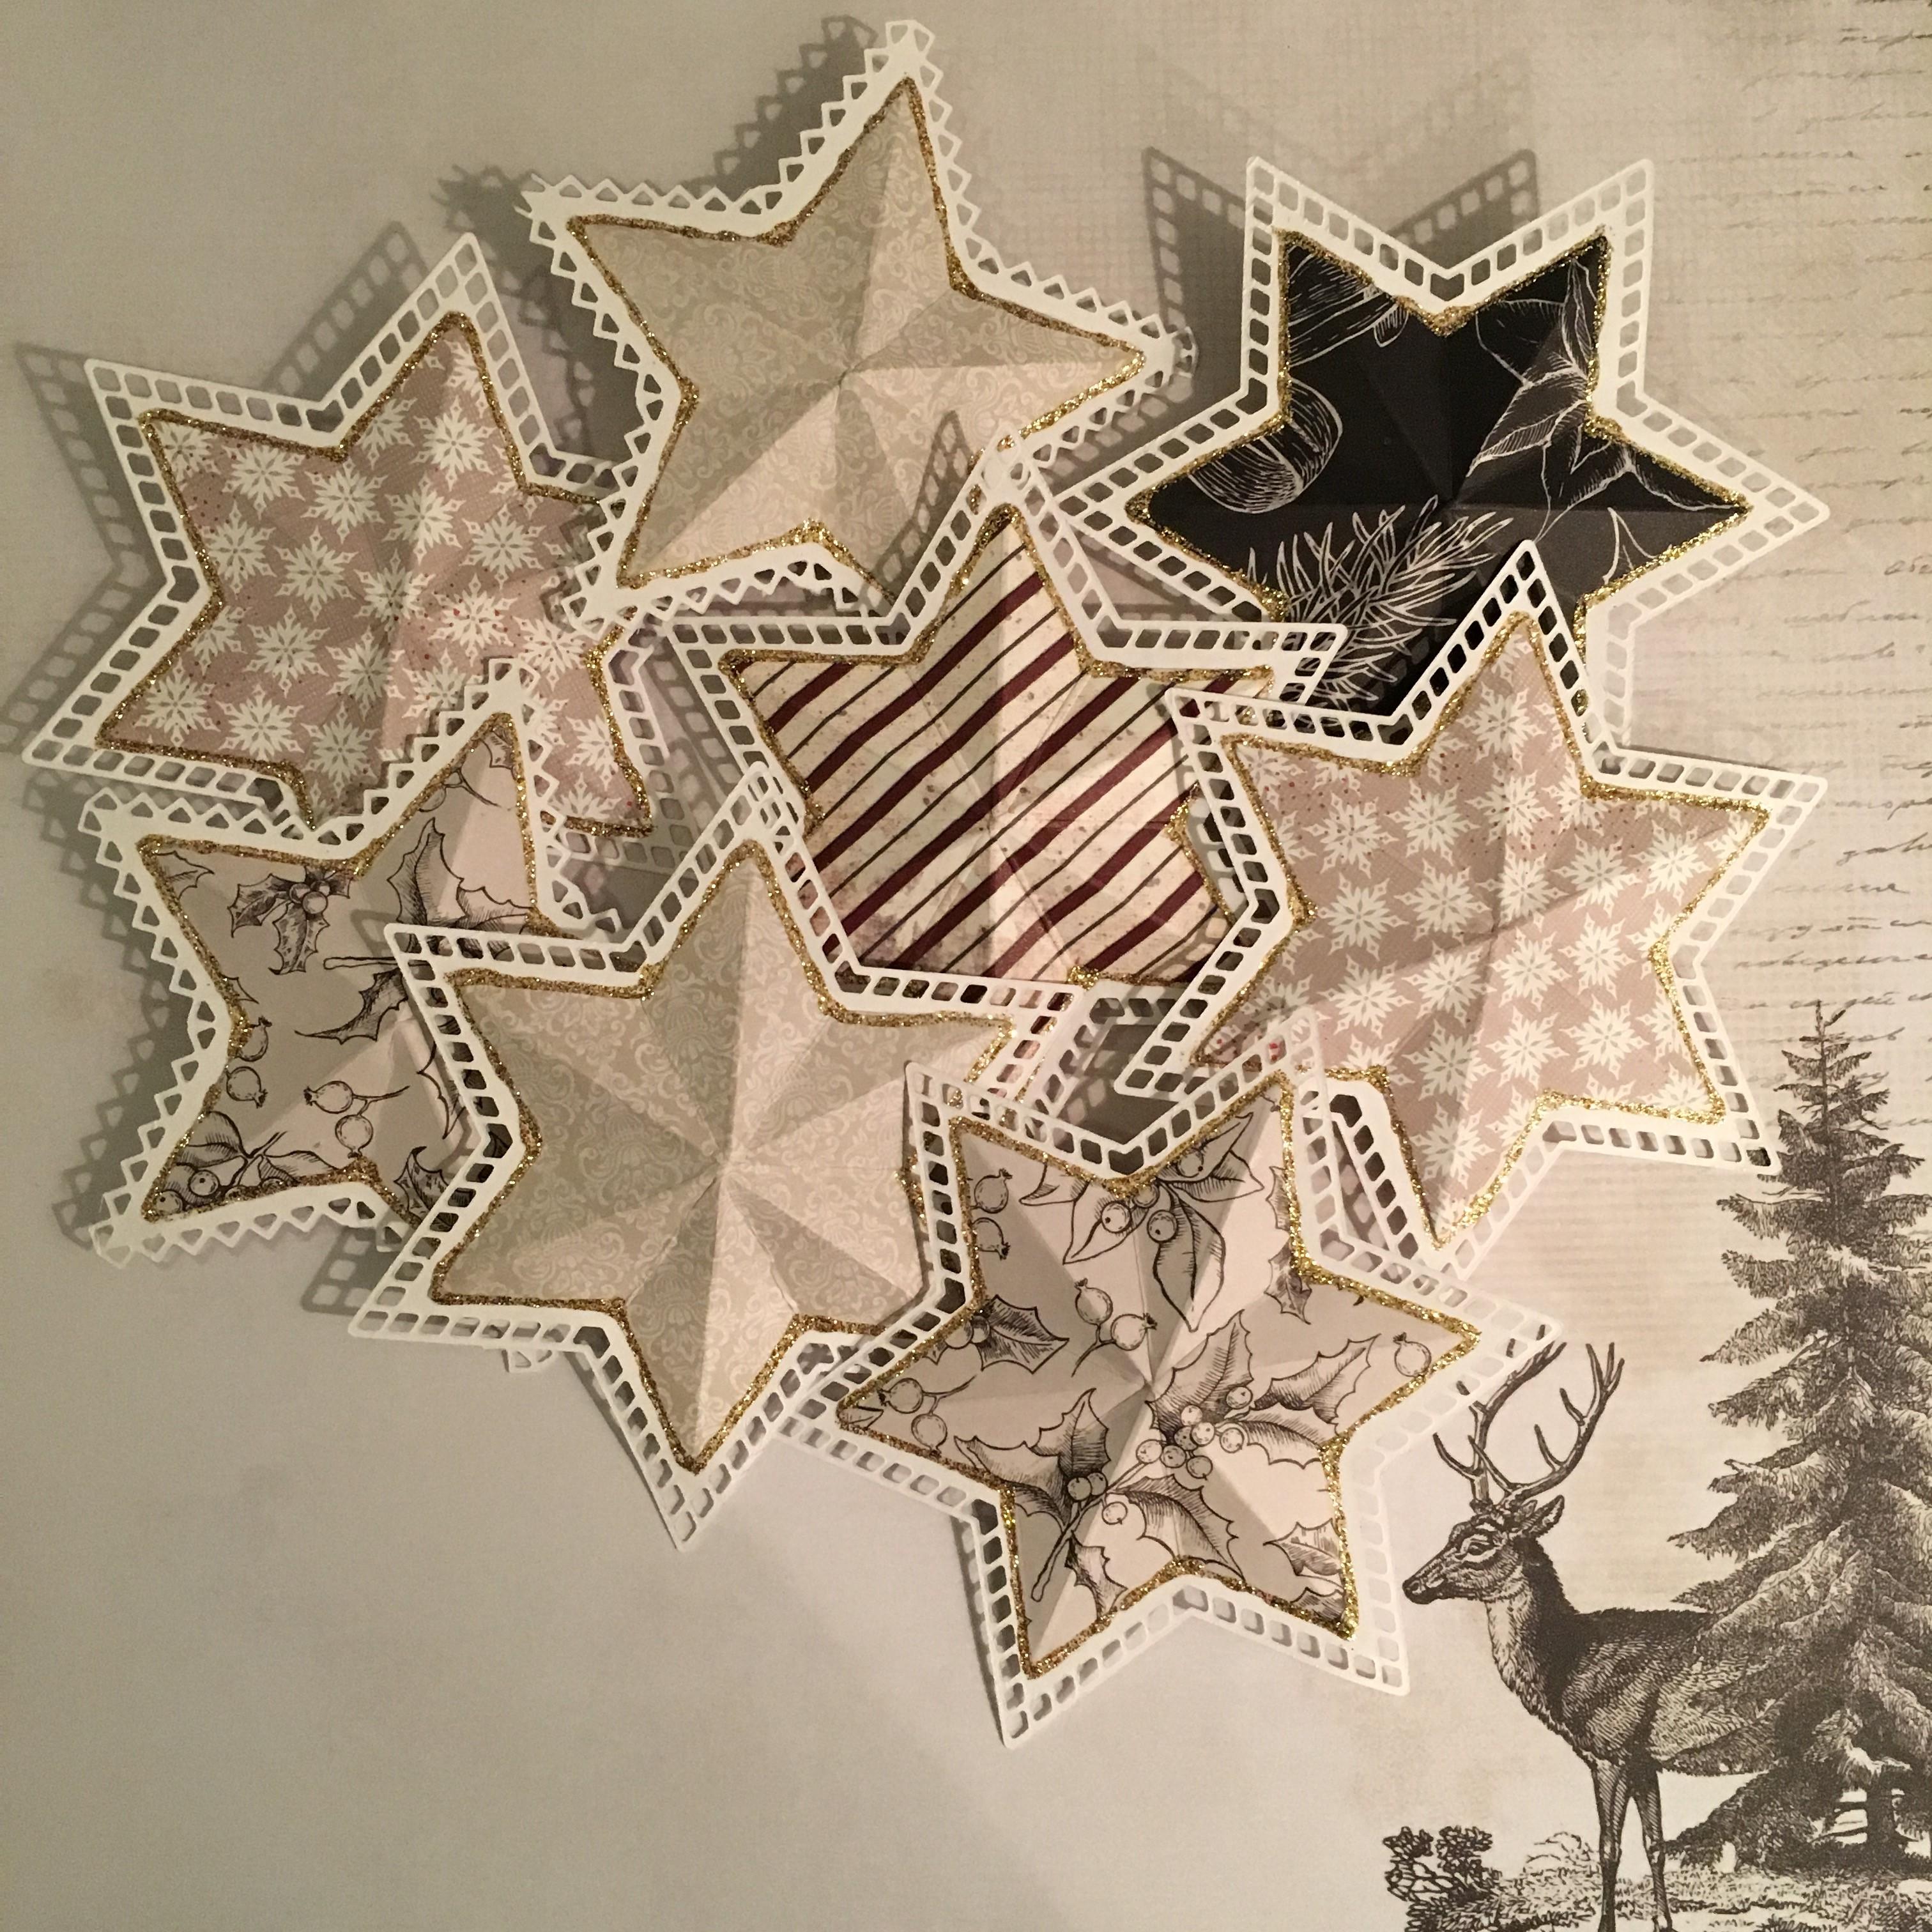 Julestjerner og lyshuse i lækkert mønsterpapir